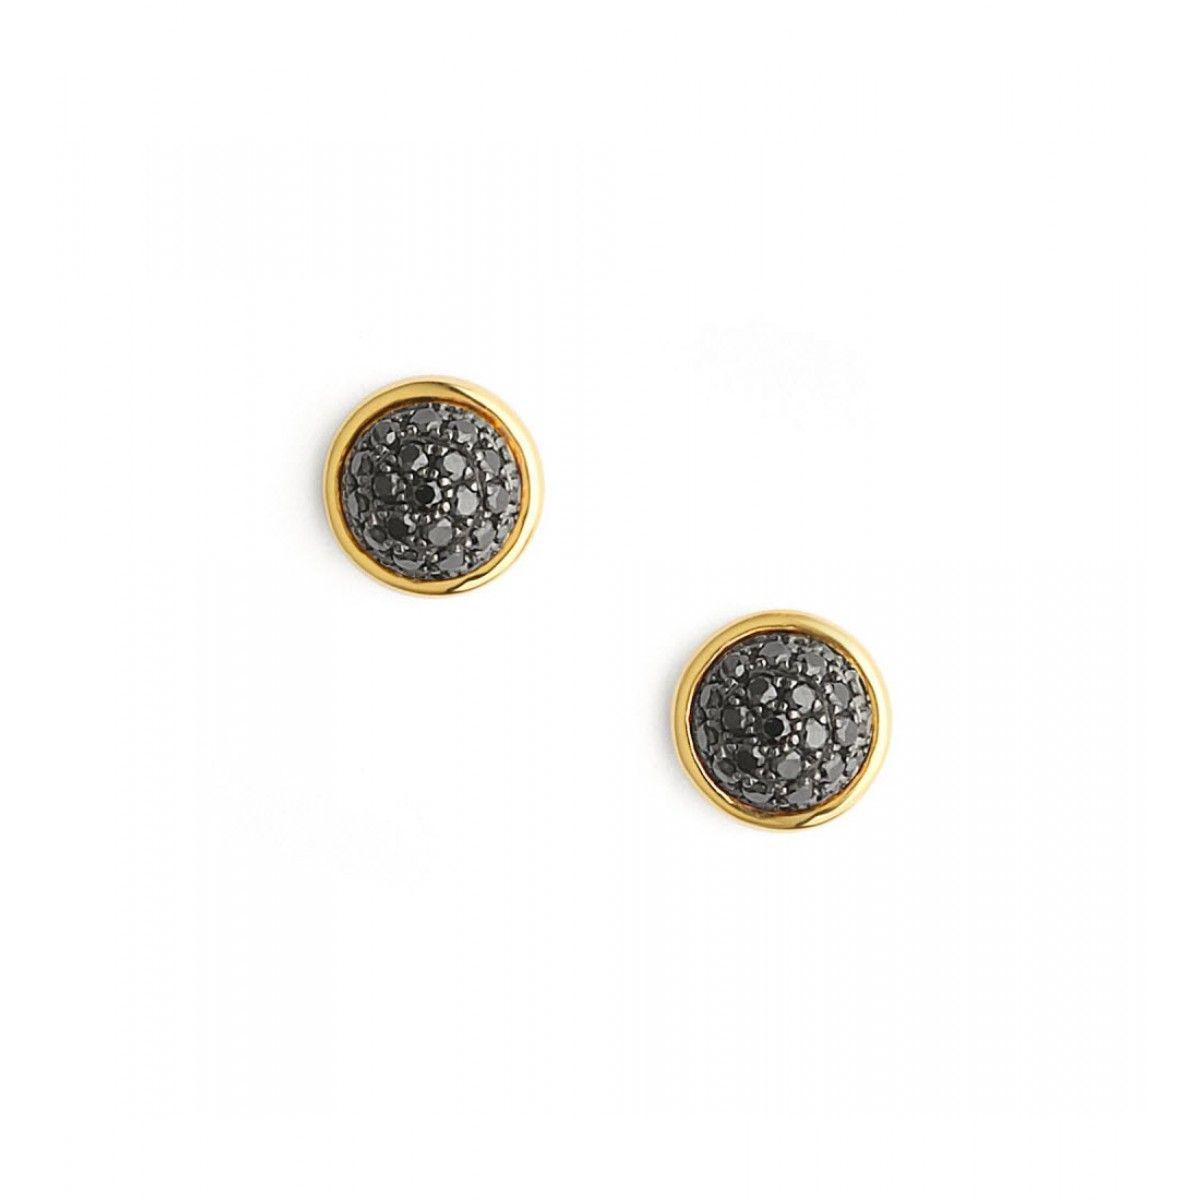 18kt Black Diamond Pave Ear Studs By Syna